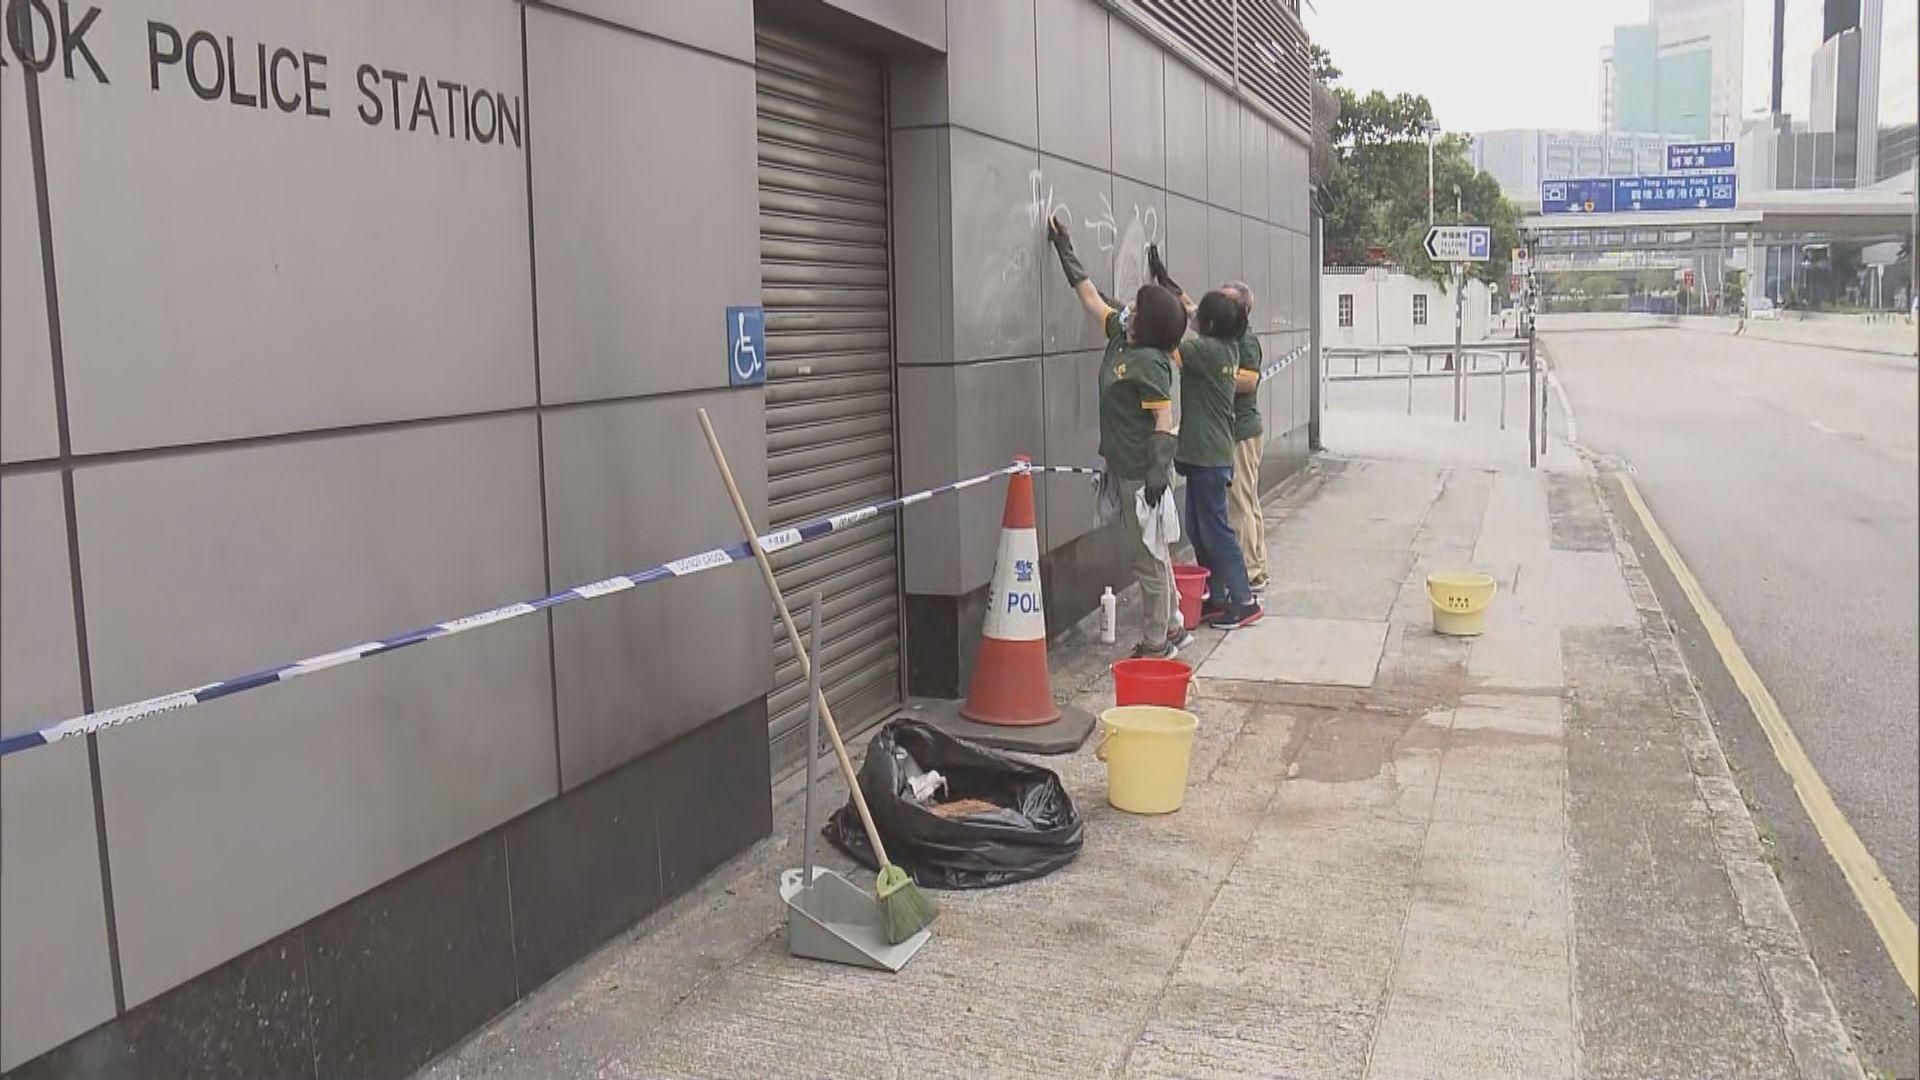 牛頭角警署疑遭投擲汽油彈 牆身被塗鴉